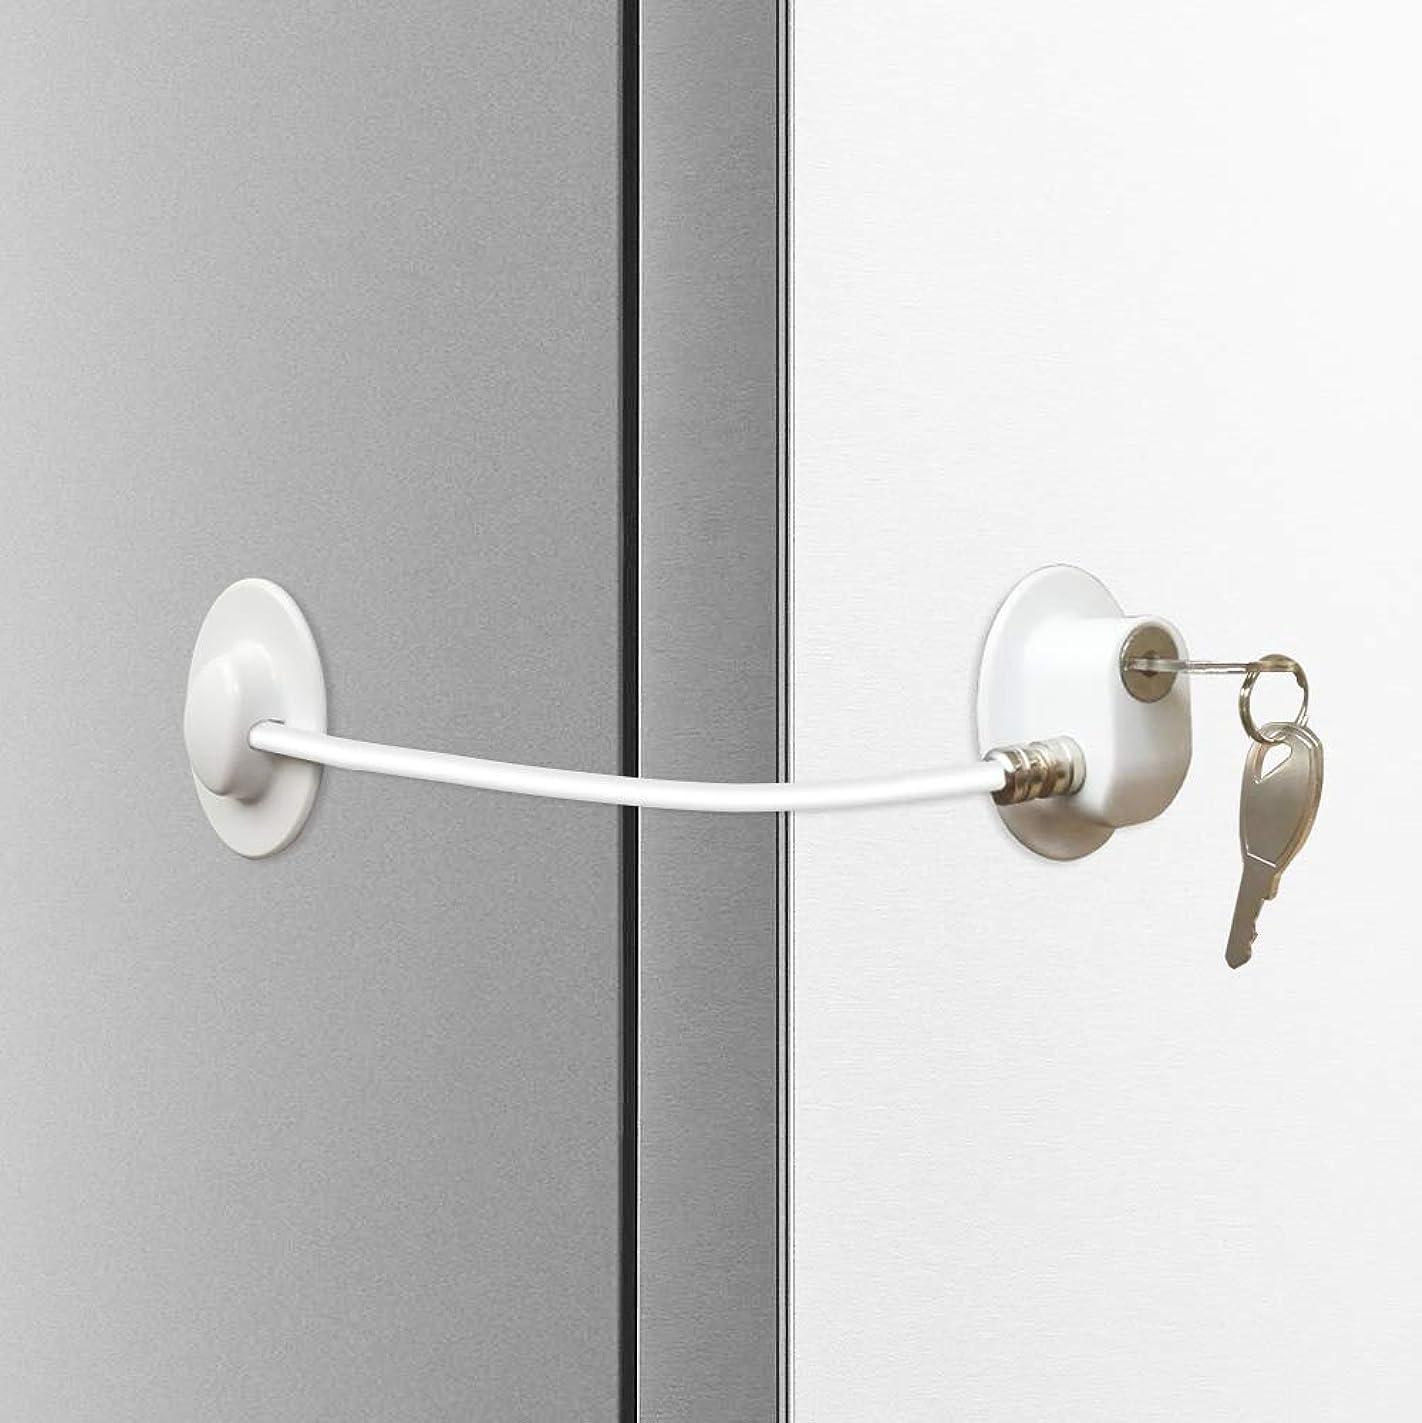 Alamic Refrigerator Door Lock - Freezer Door Lock Cabinet Lock Strong Adhesive Cable Lock Security Door Lock, White